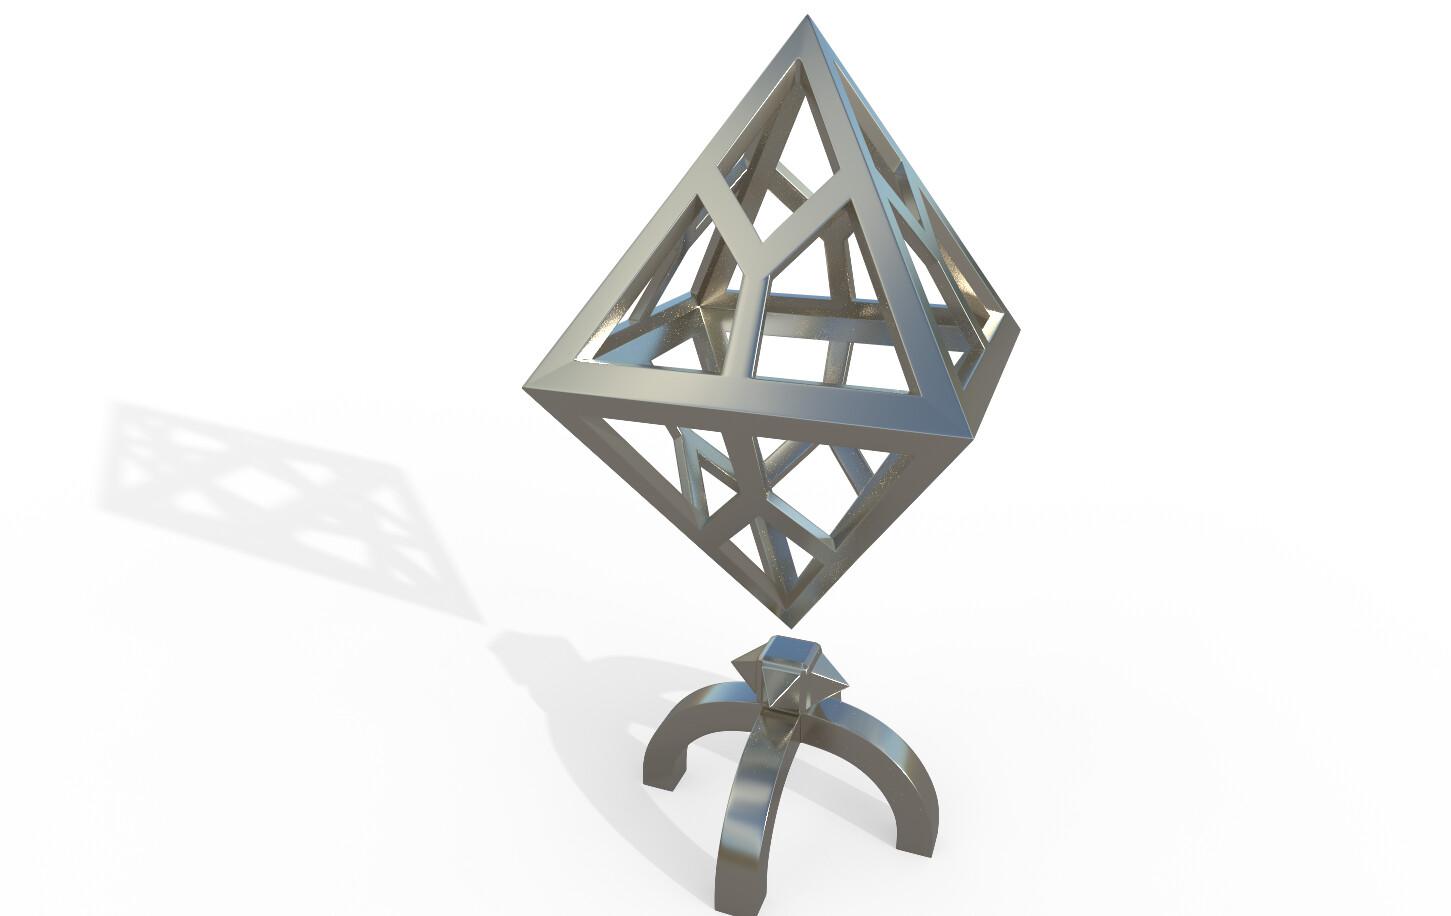 Joseph moniz cube001d